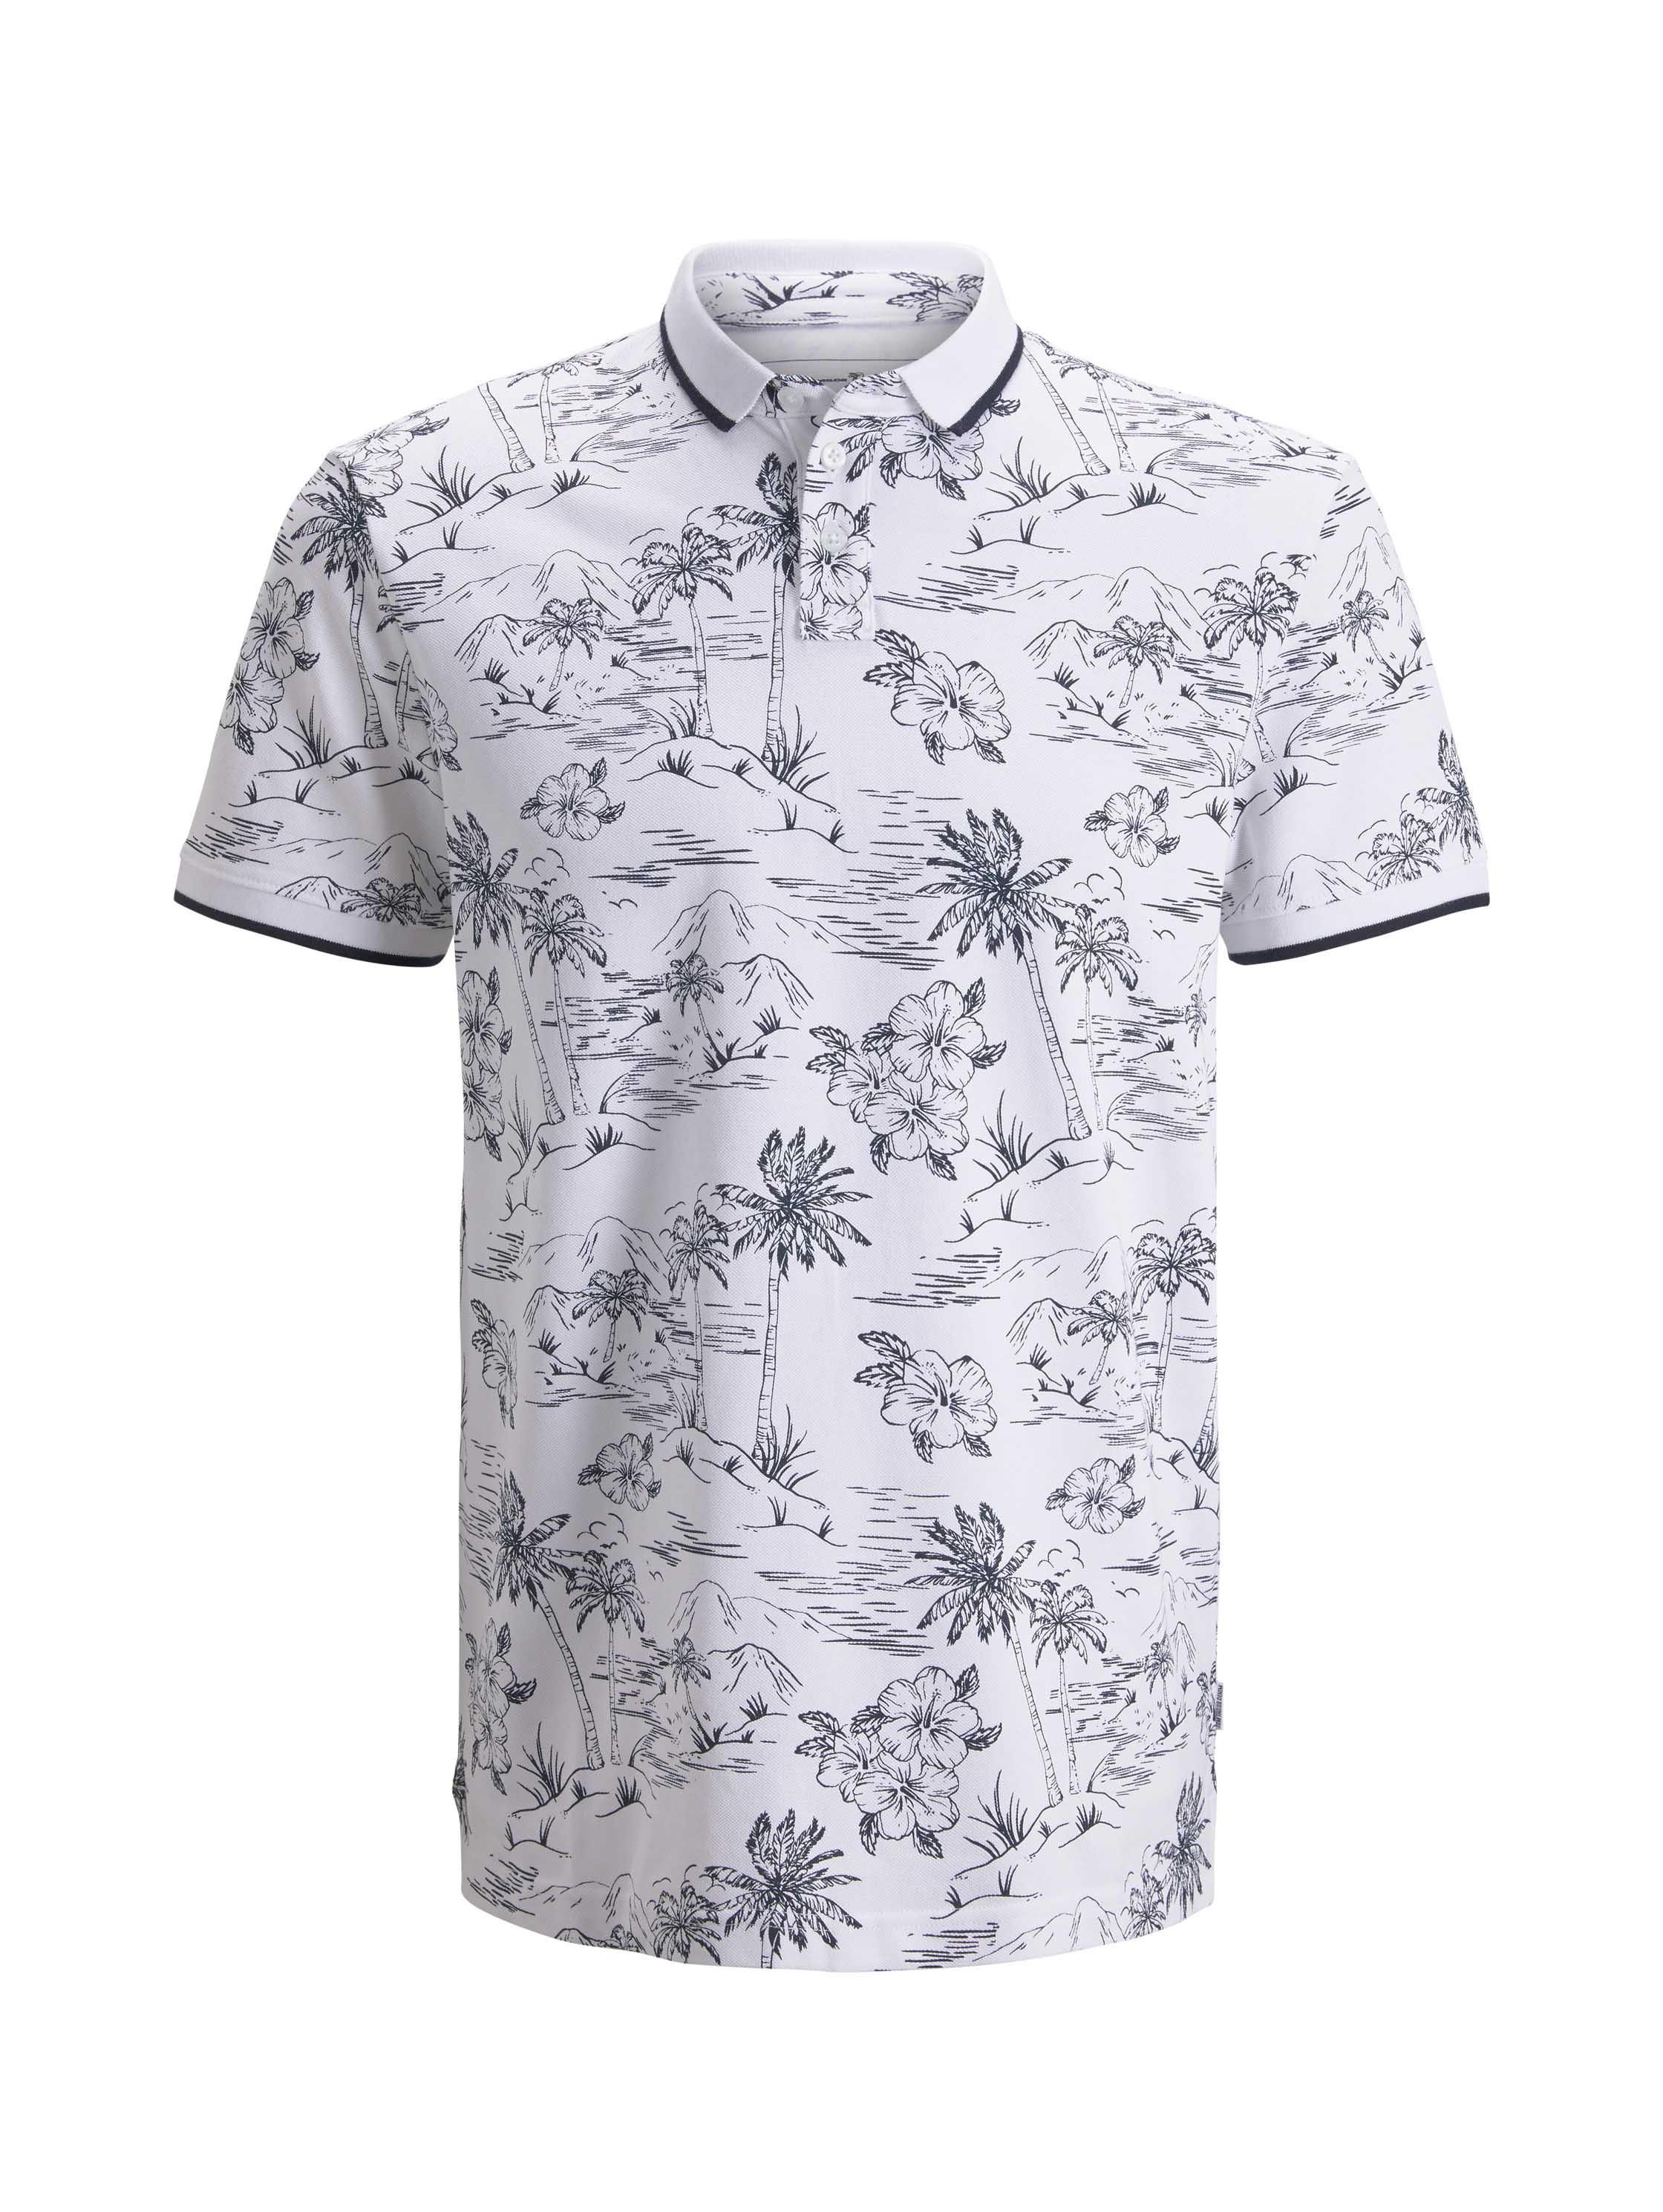 Polo with alloverprint, white navy hawaiian print